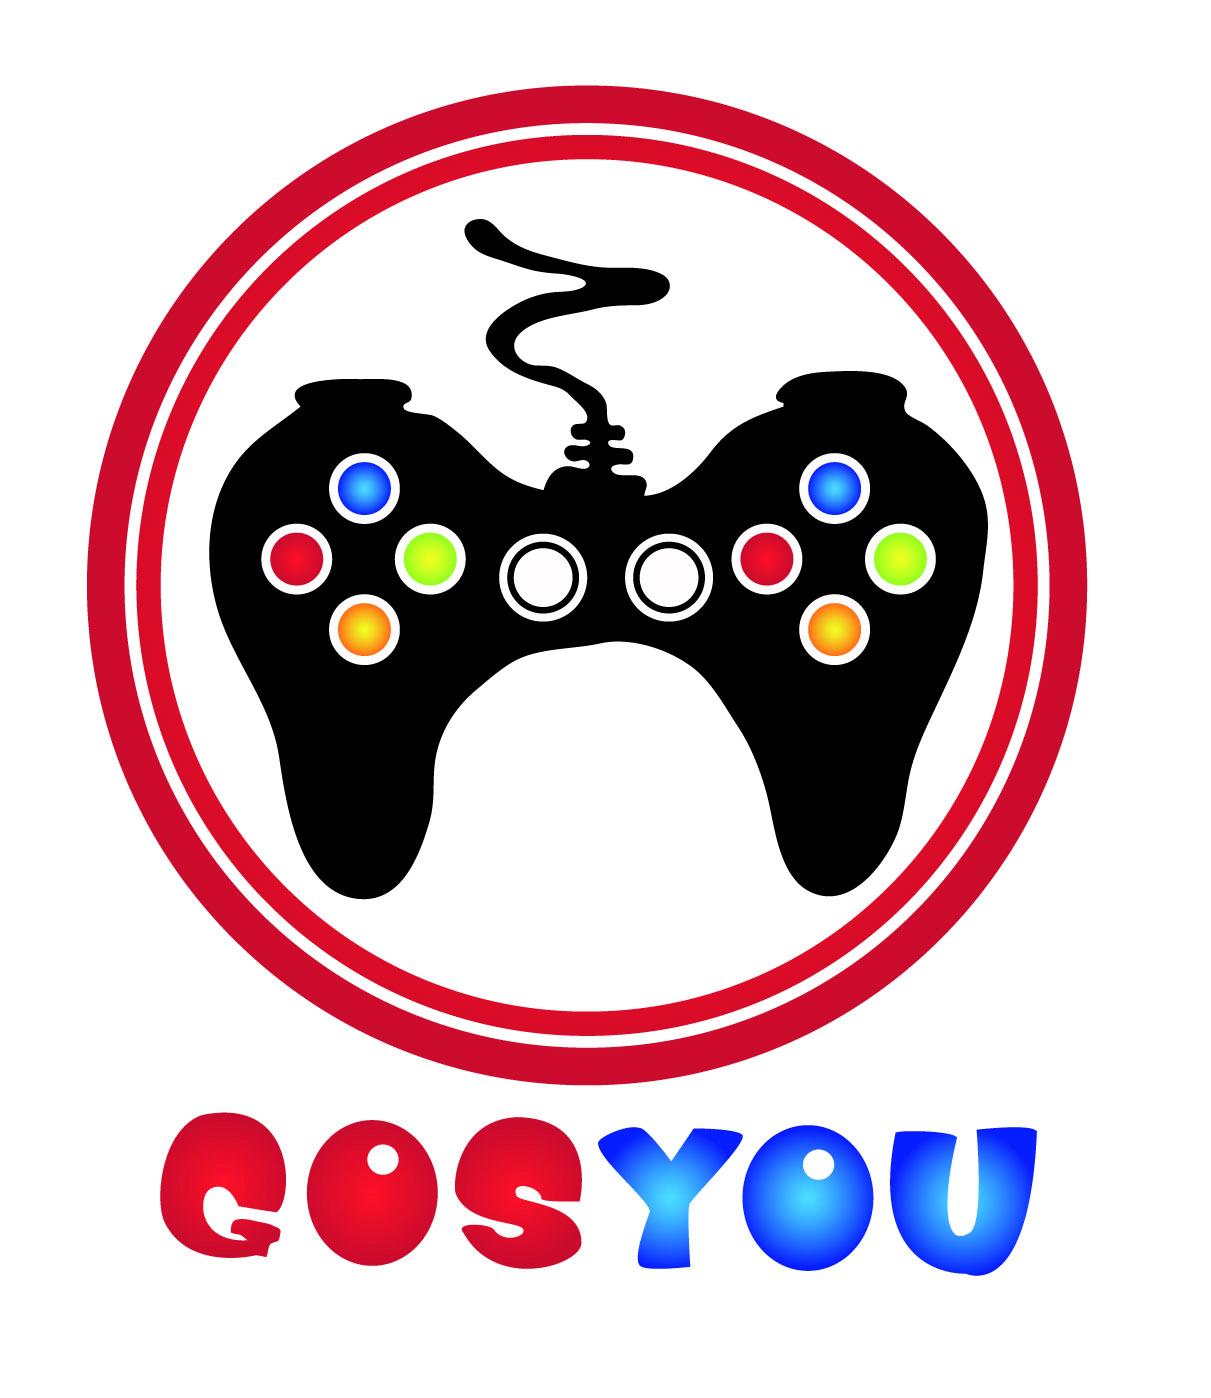 Логотип, фир. стиль и иконку для социальной сети GosYou фото f_50793938e3489.jpg